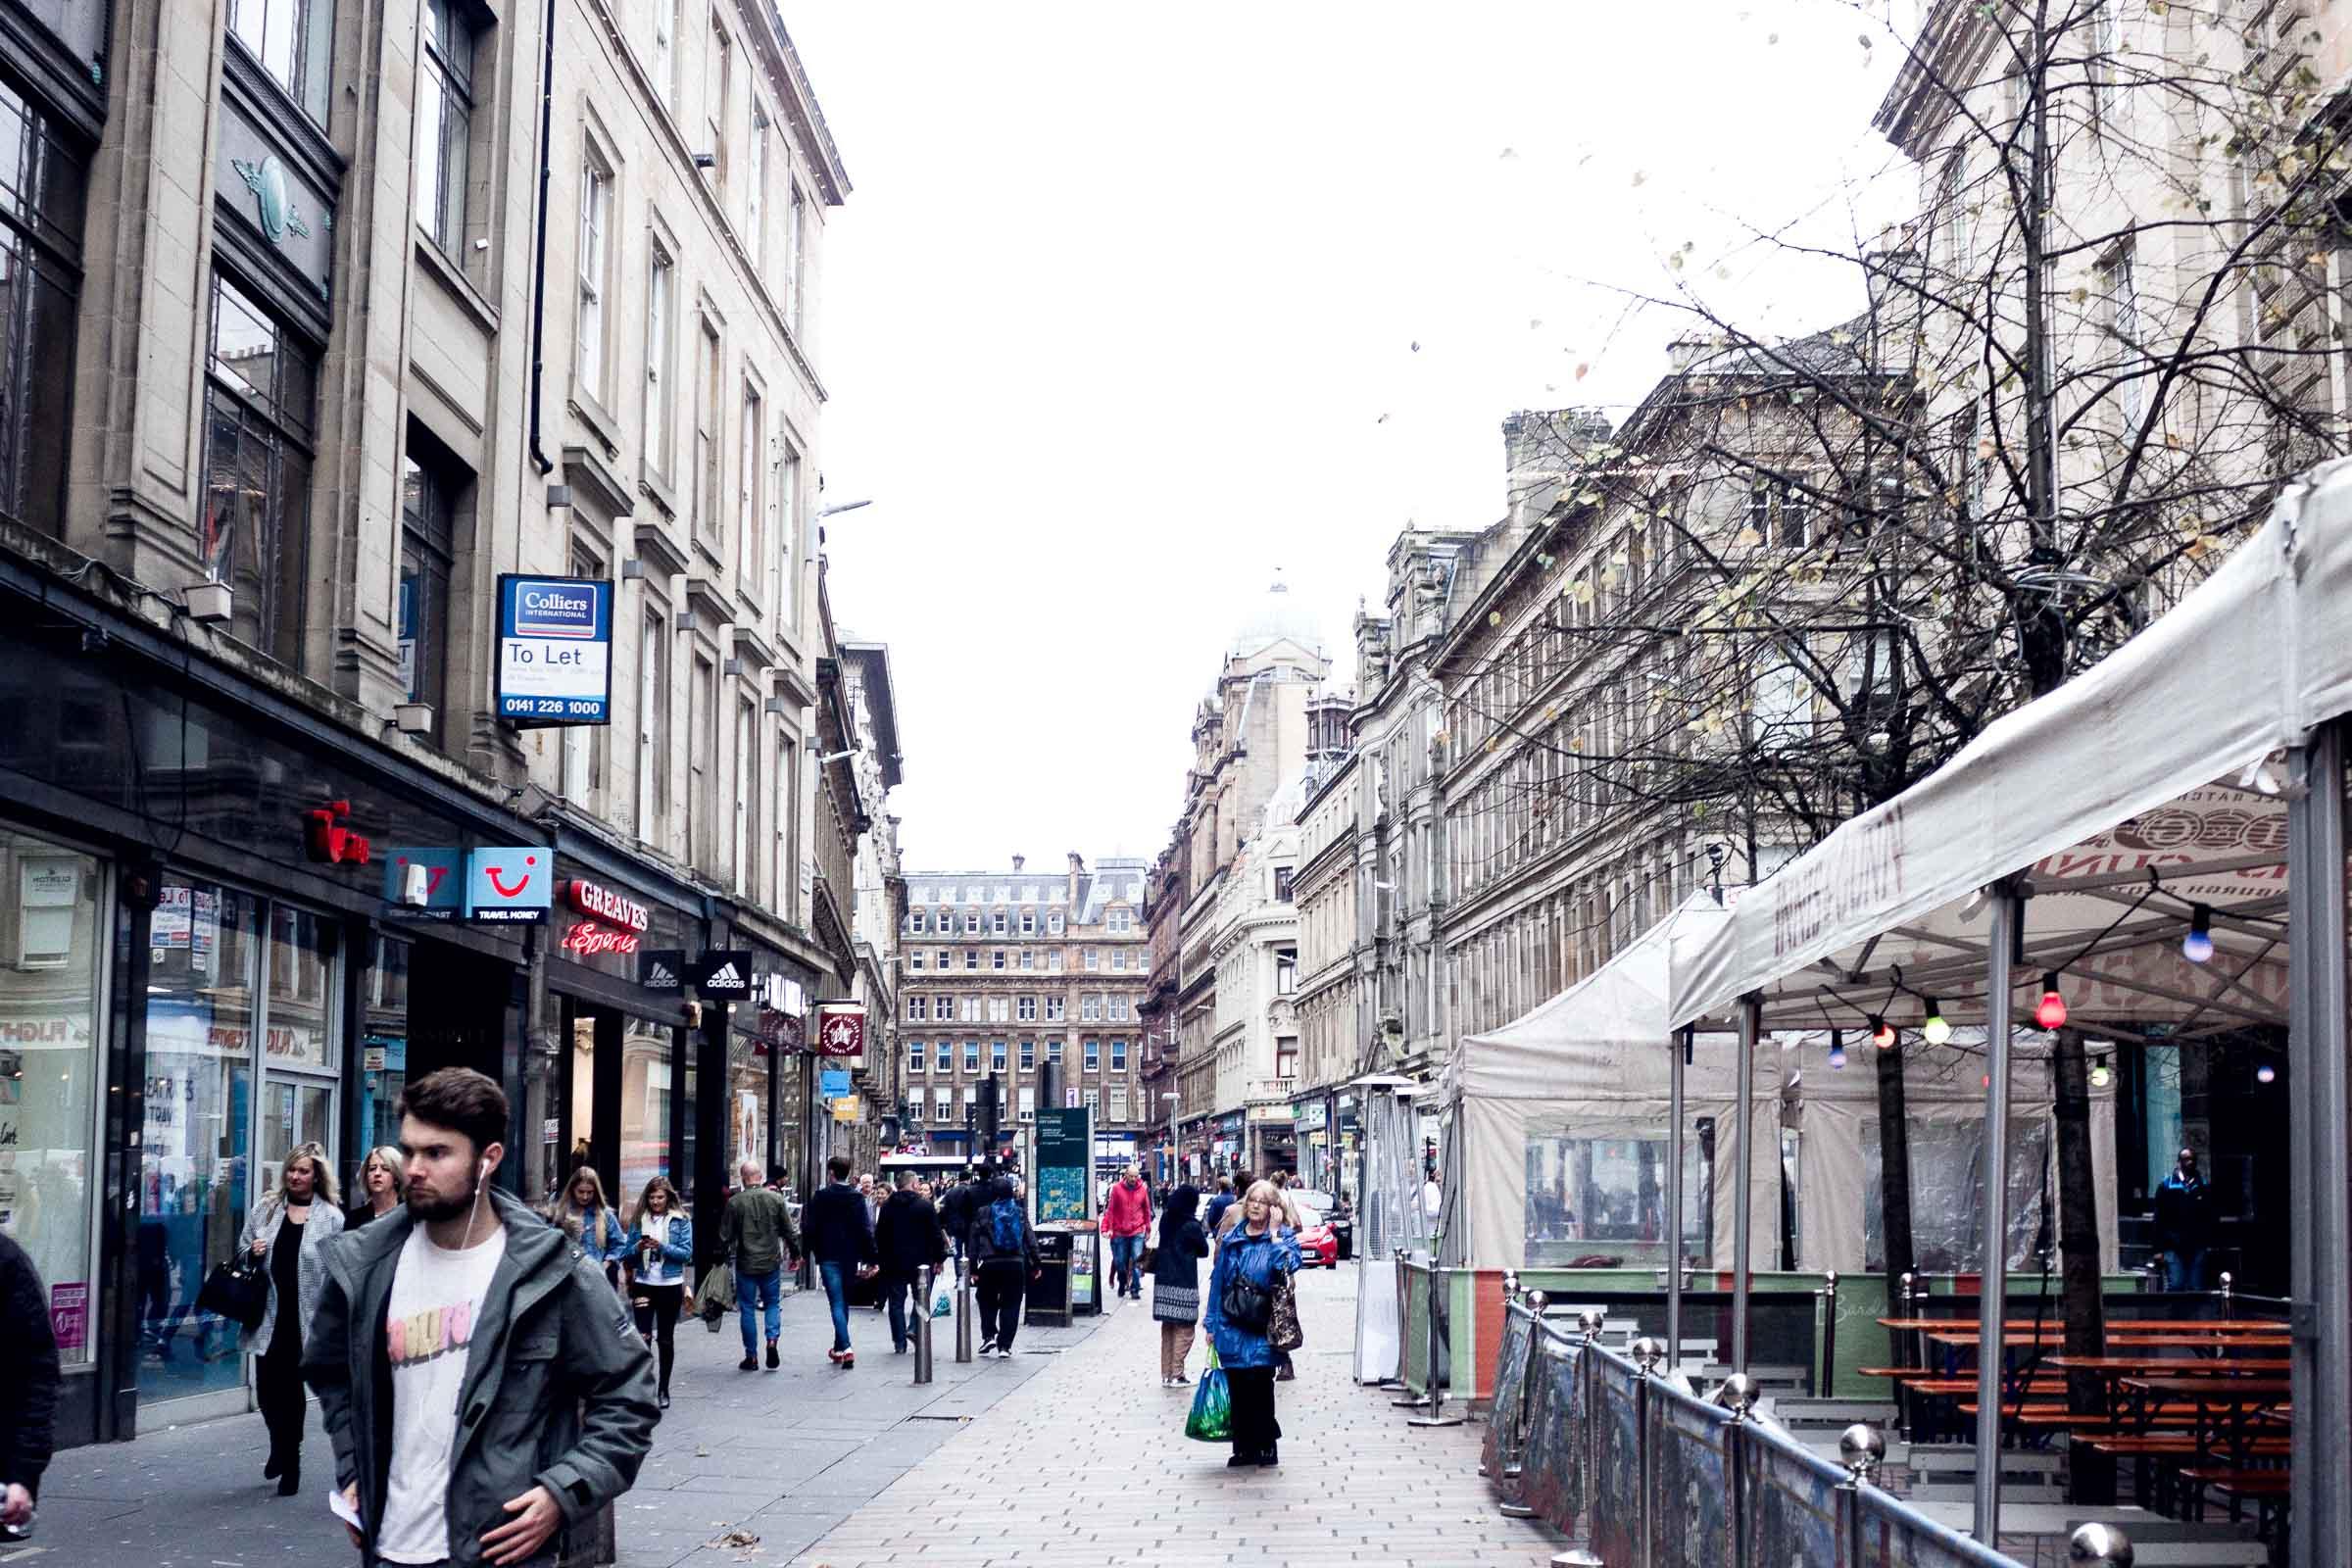 City Guide: Off Duty in Glasgow - Buchanan Street